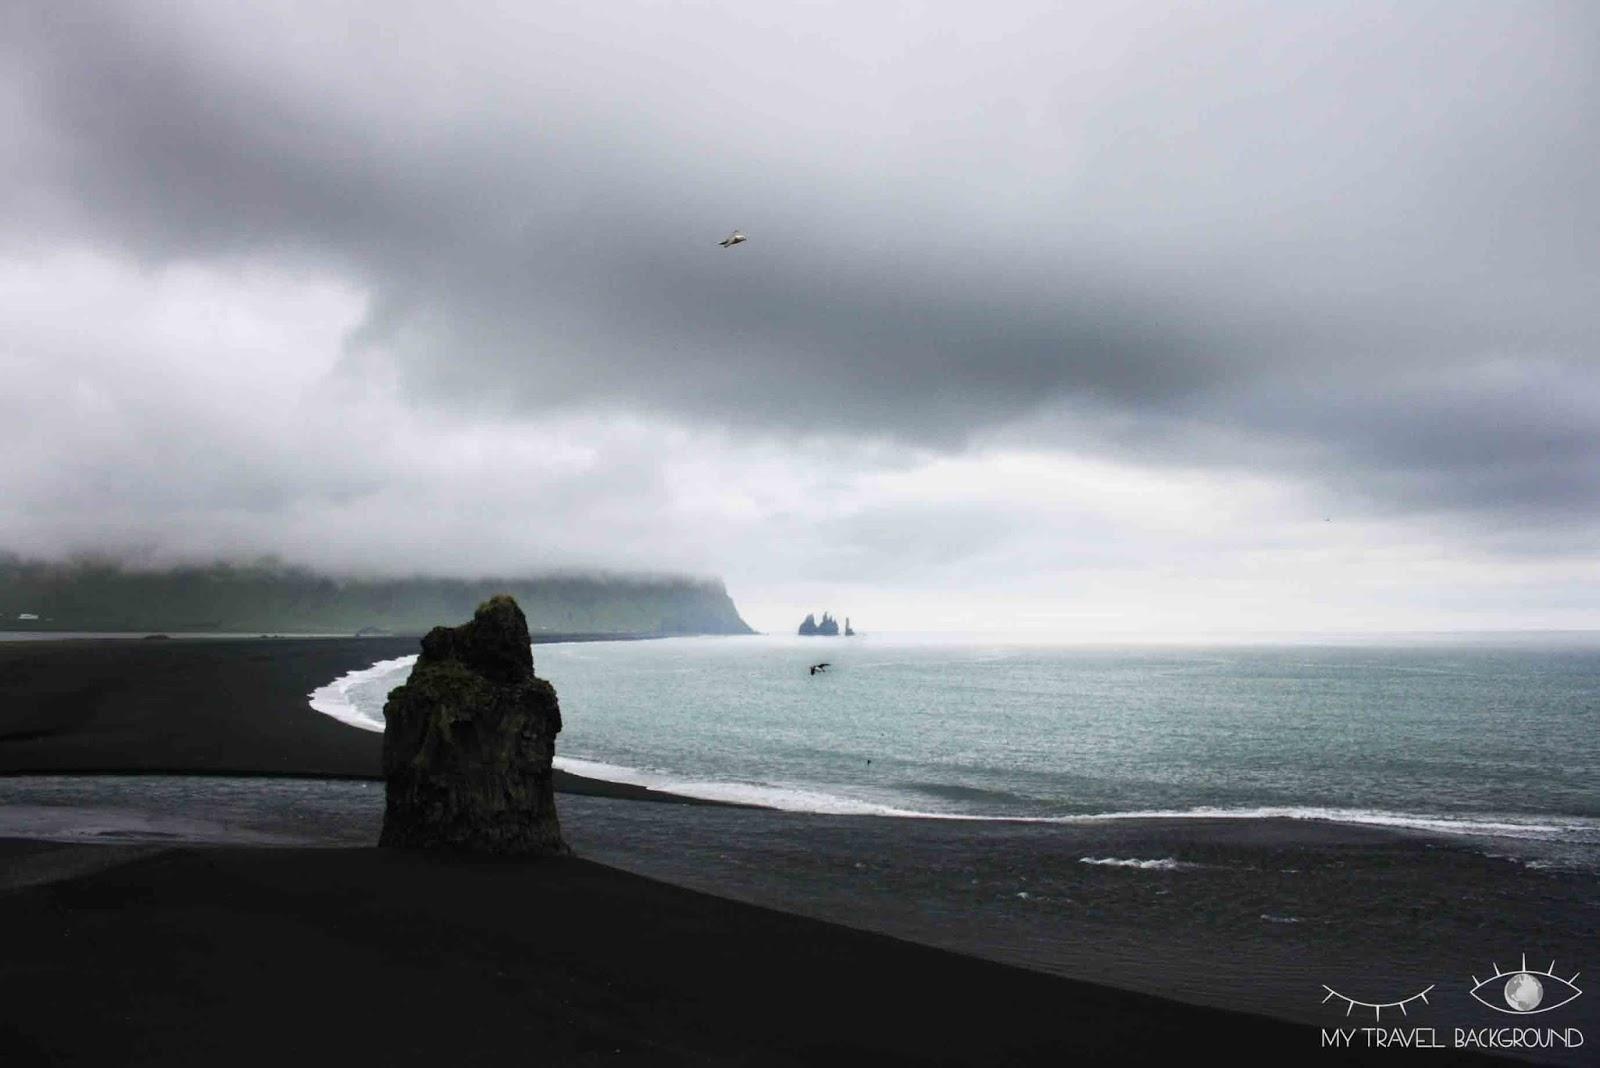 My Travel Background : 18 lieux à découvrir absolument en Islande, profiter d'une des plus belles plages du monde de sable noir à Vik